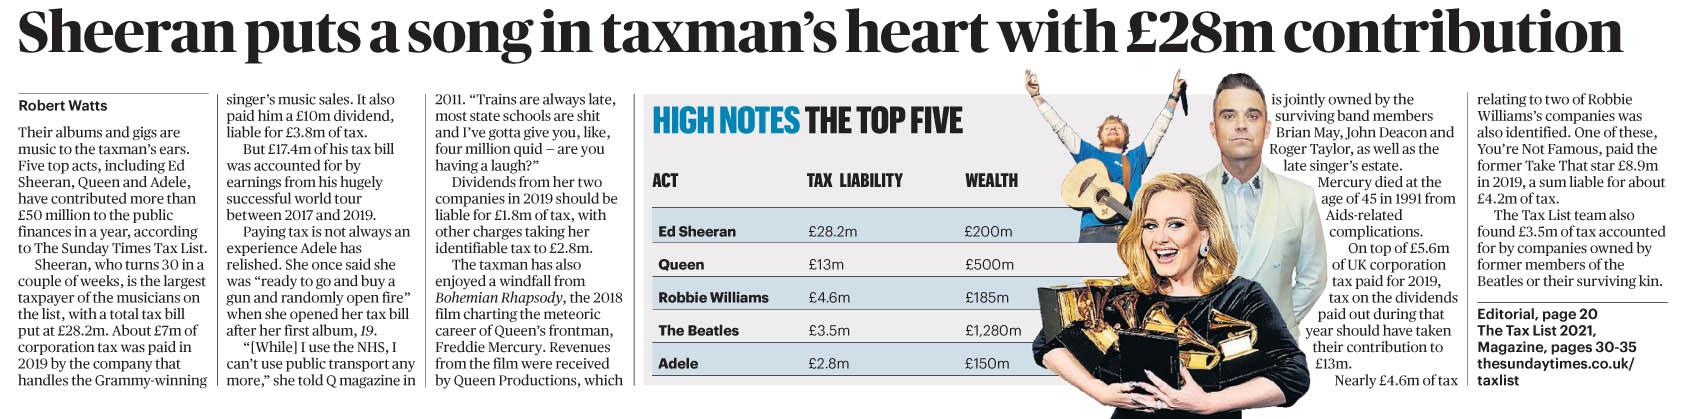 Times 210131 Musicians Tax.jpg